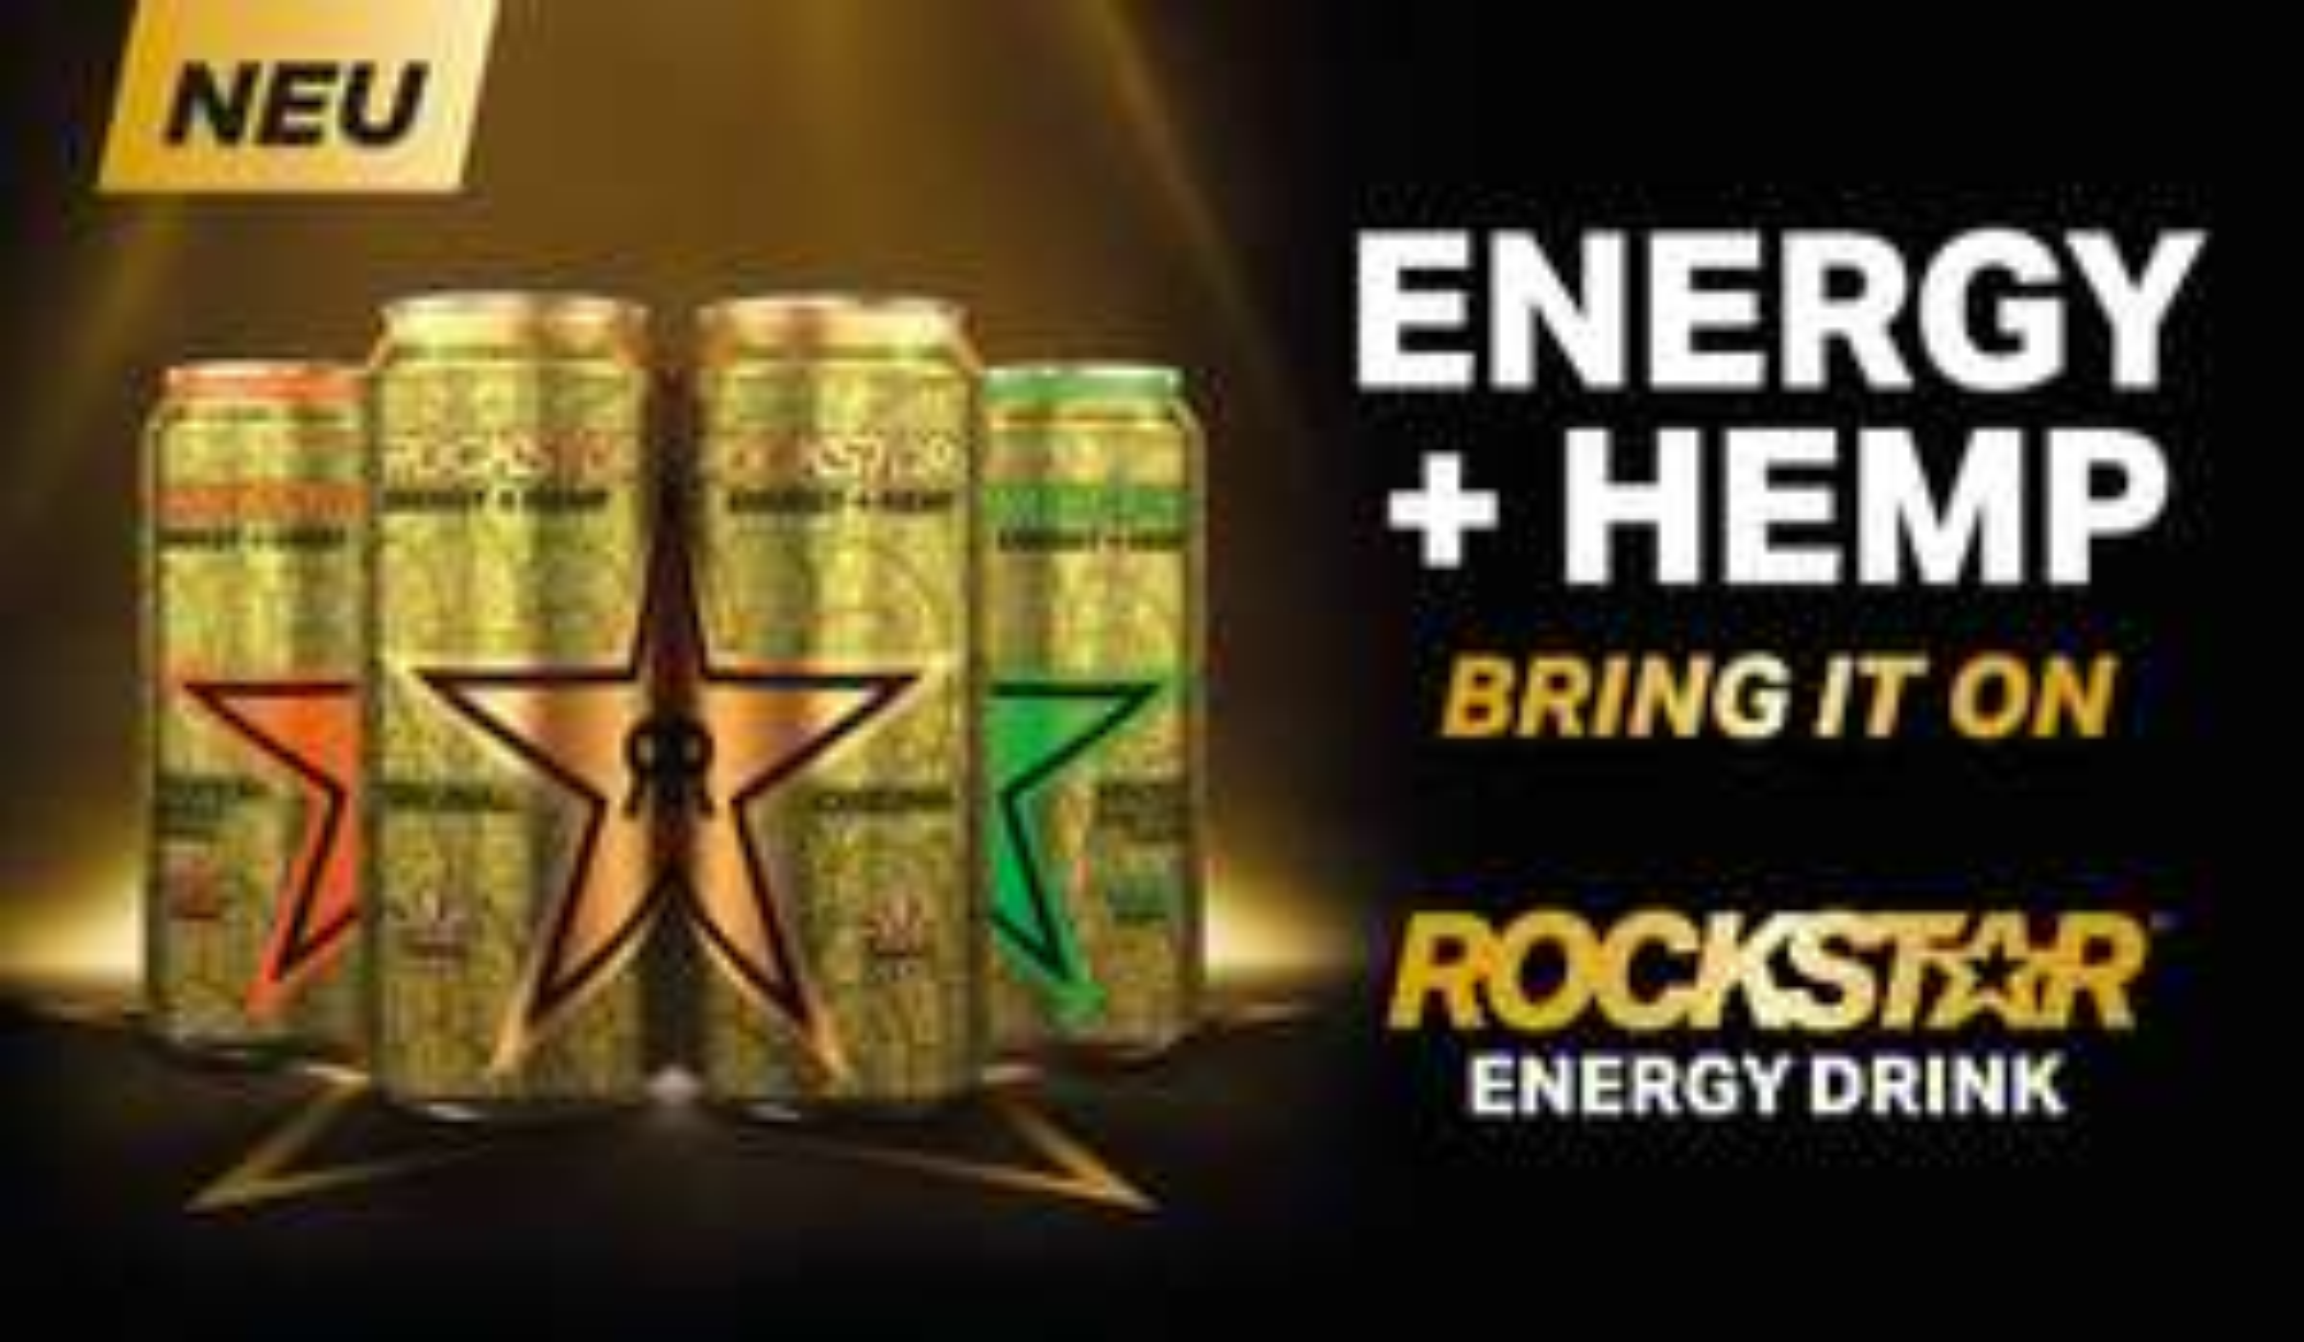 Edeka Hessenring: 2 Dosen Rockstar Energy Drink mit Coupon für 88 Cent, verschiedene Sorten in der 0,5 Liter Dose,excl. Pfand je 25 Cent